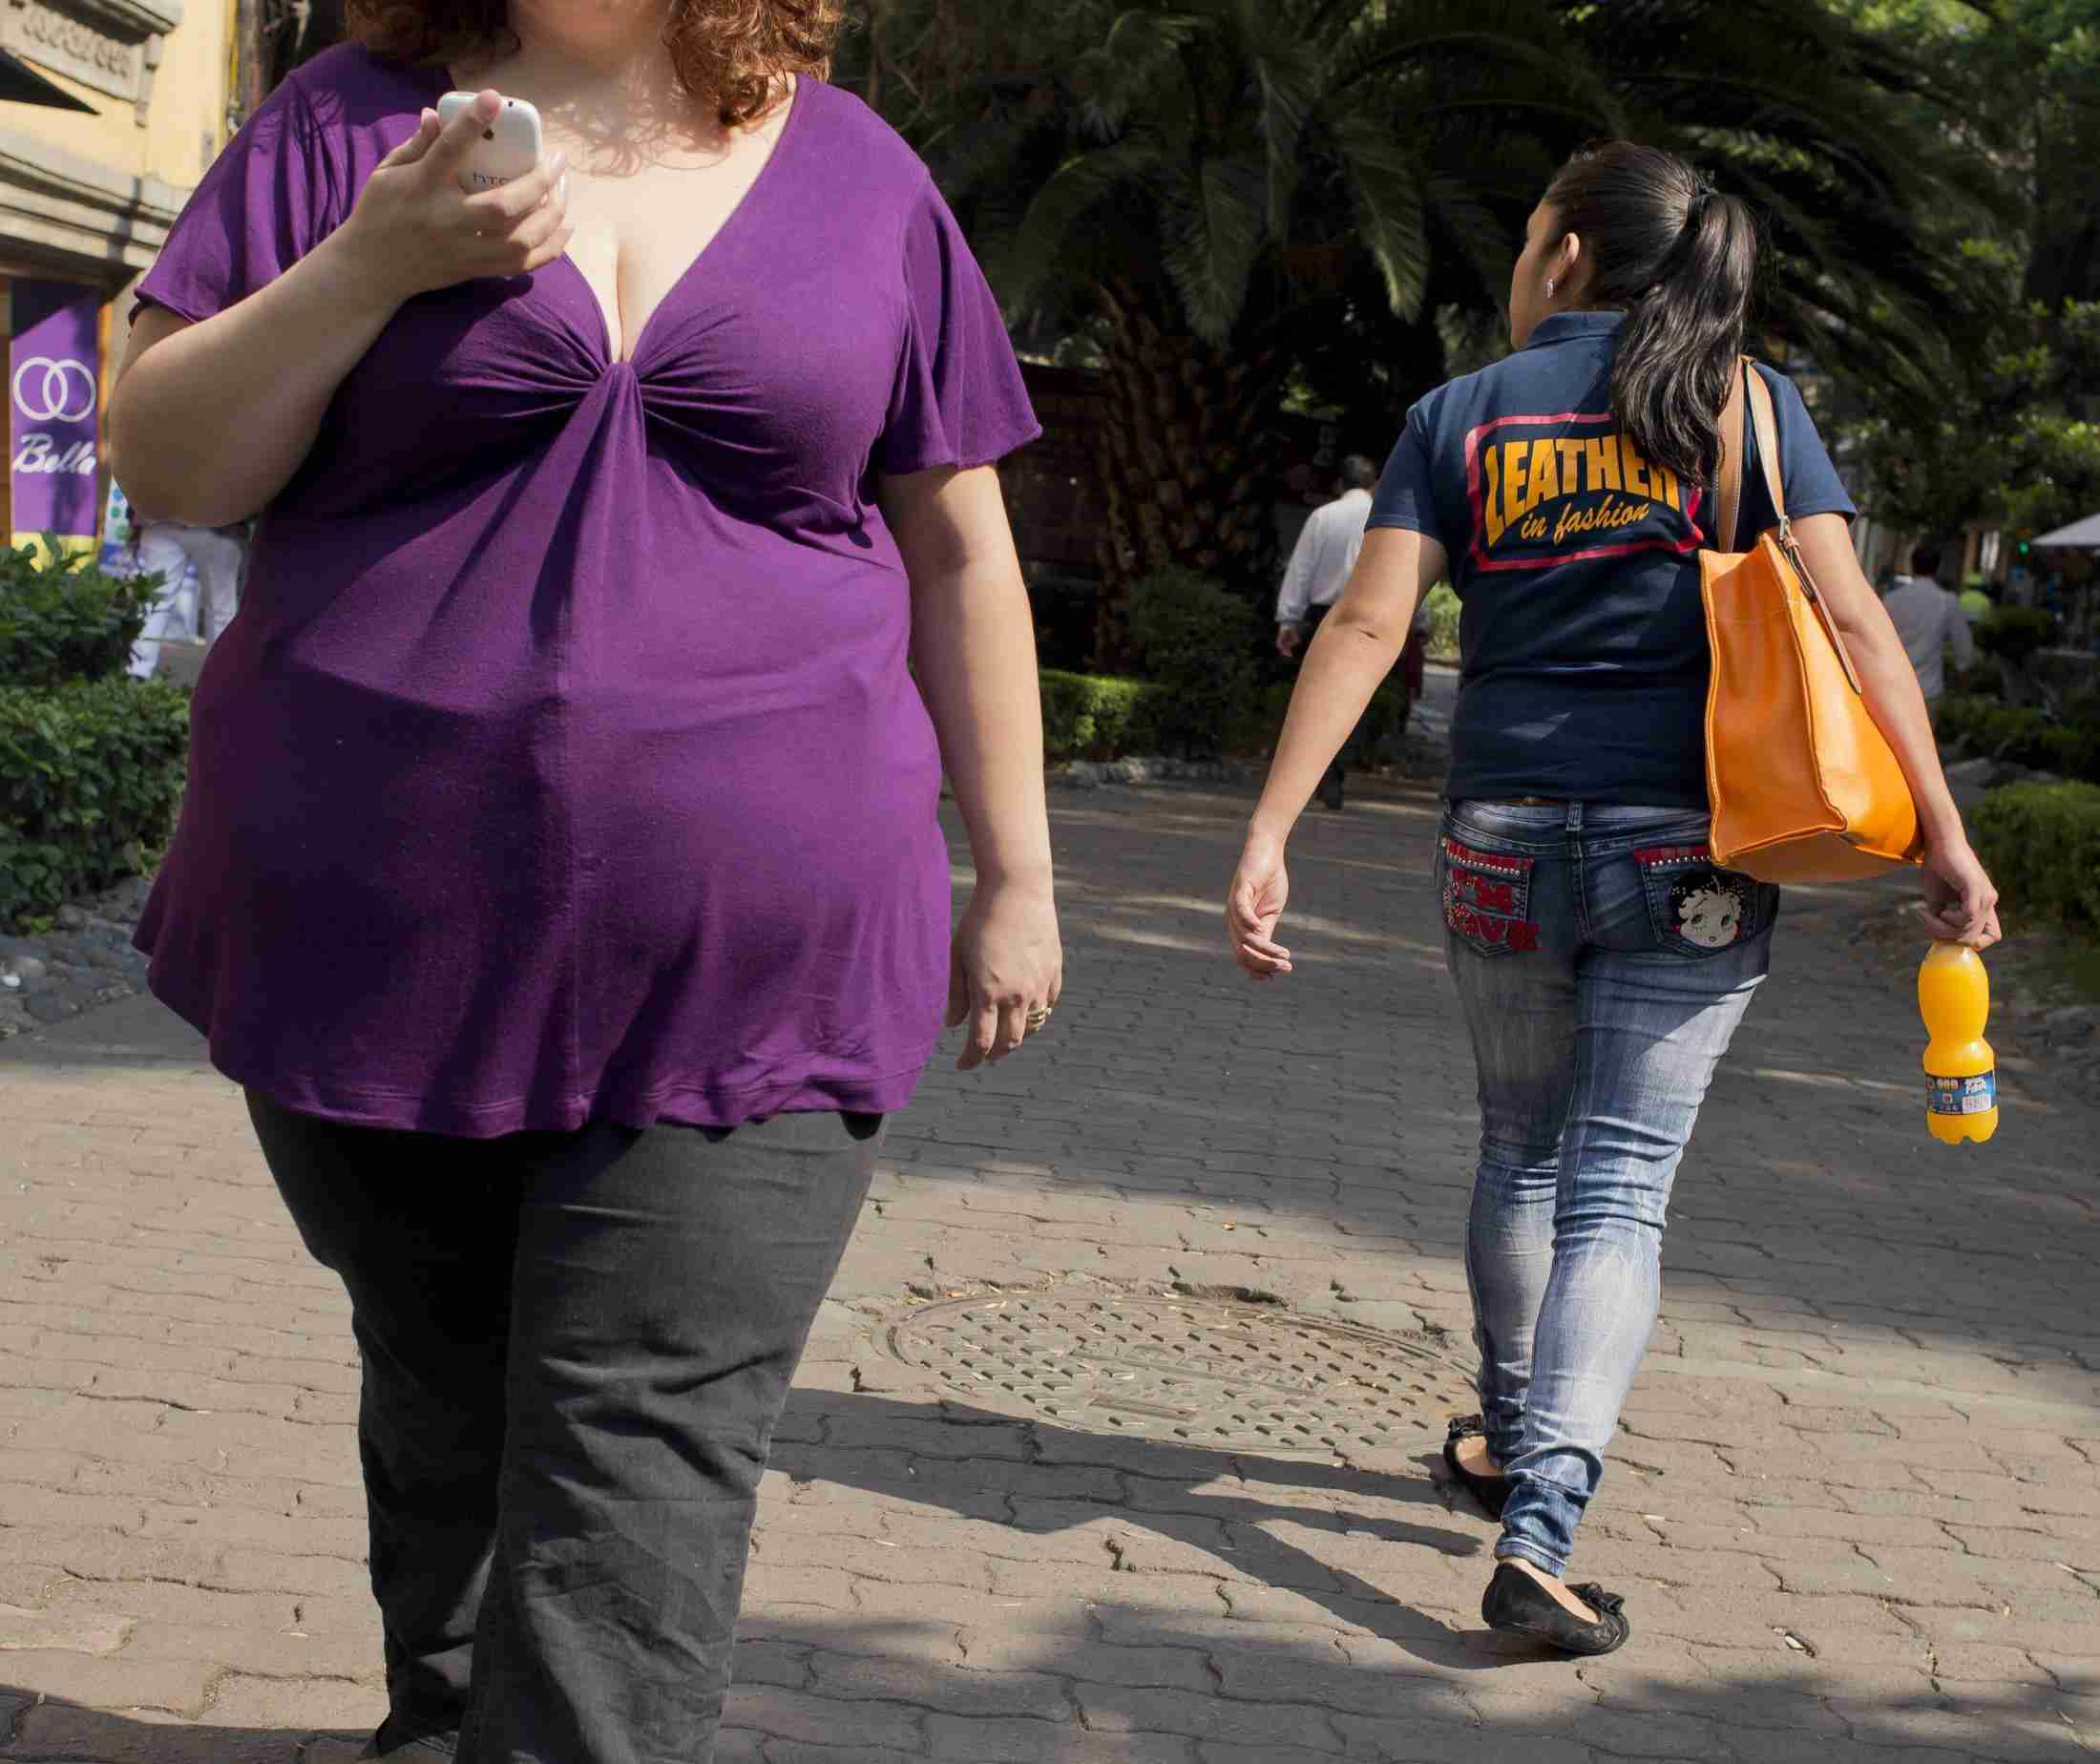 「太っているのは恥」と責めると肥満者の健康悪化、米大研究 (The Telegraph) - Yahoo!ニュース